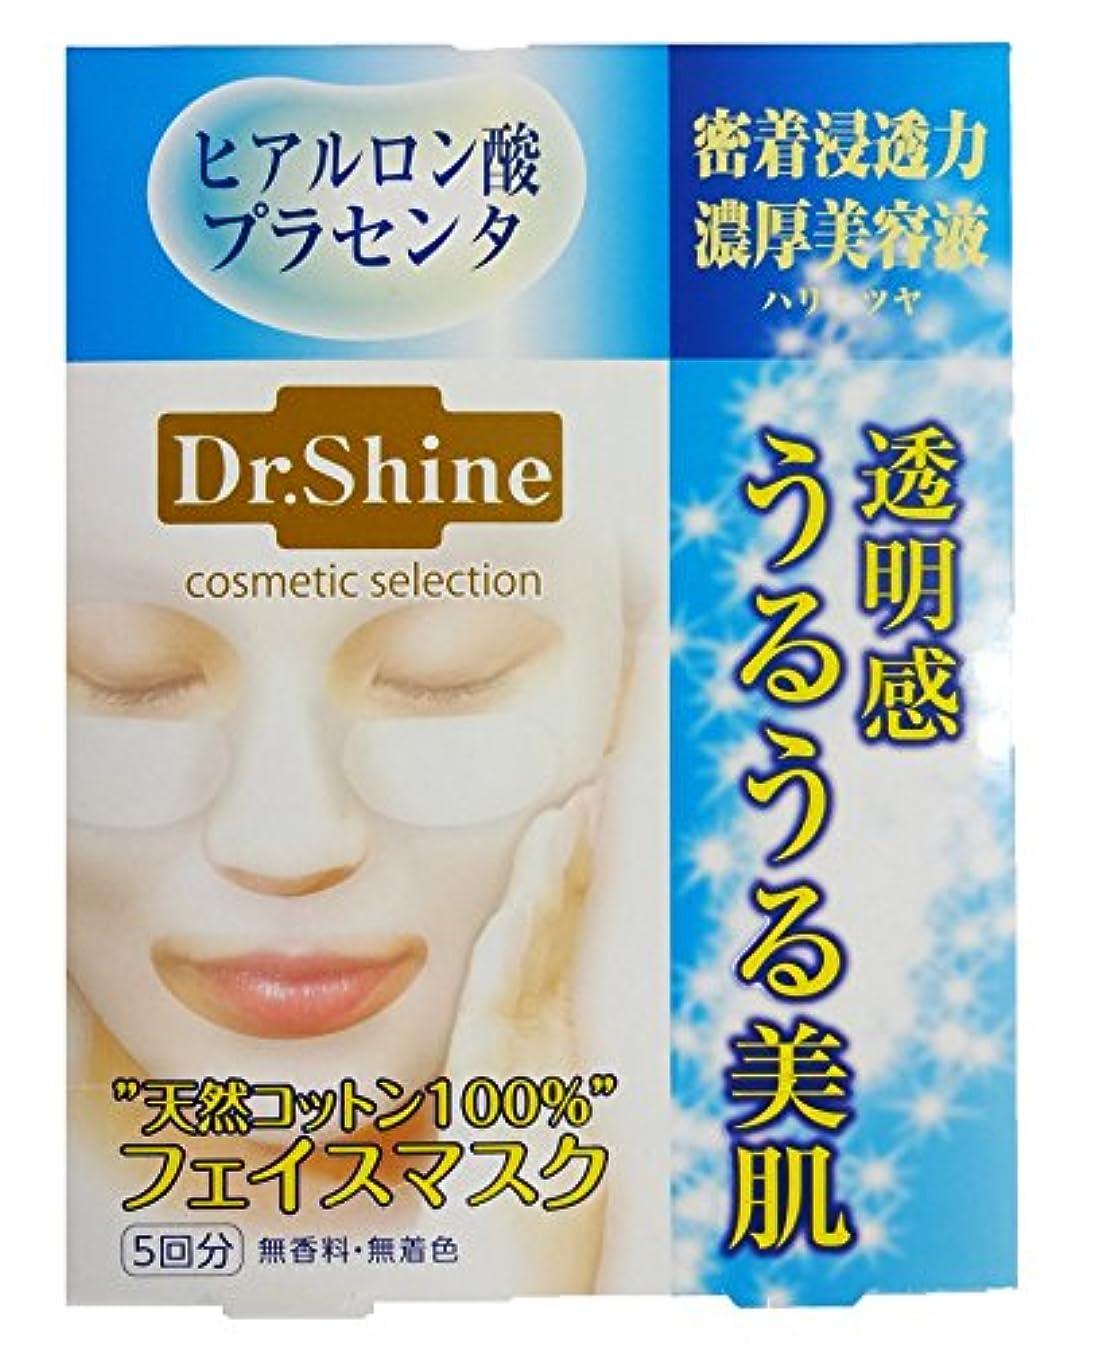 散逸タップ応答Dr.Shine(ドクターシャイン) フェイスマスクHP 5回分(20ml×5)